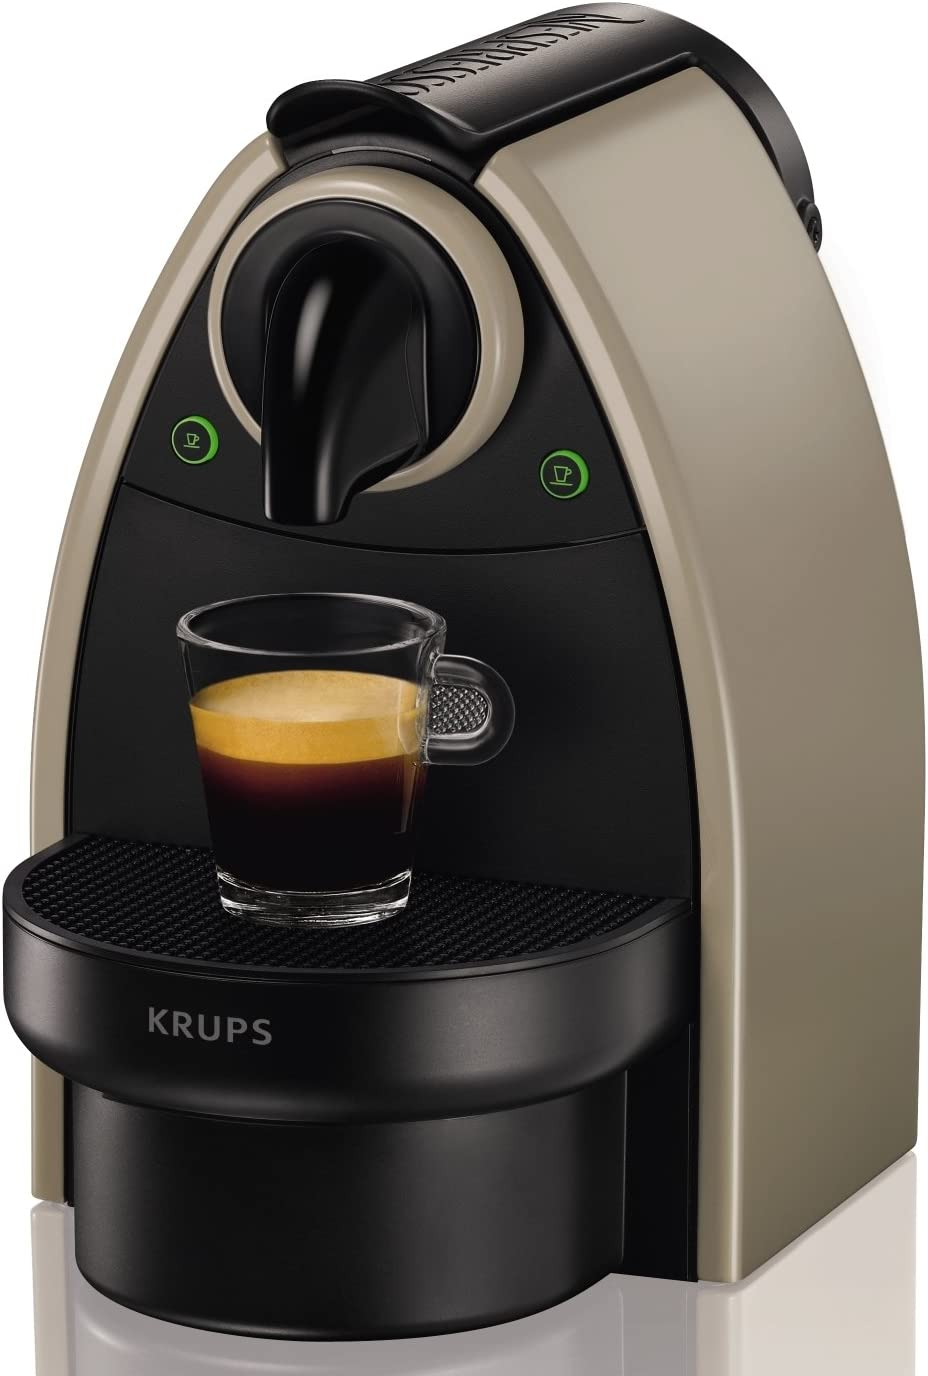 Nespresso XN 2140 Cafetera Essenza autovisión, 1260 W, Acero ...